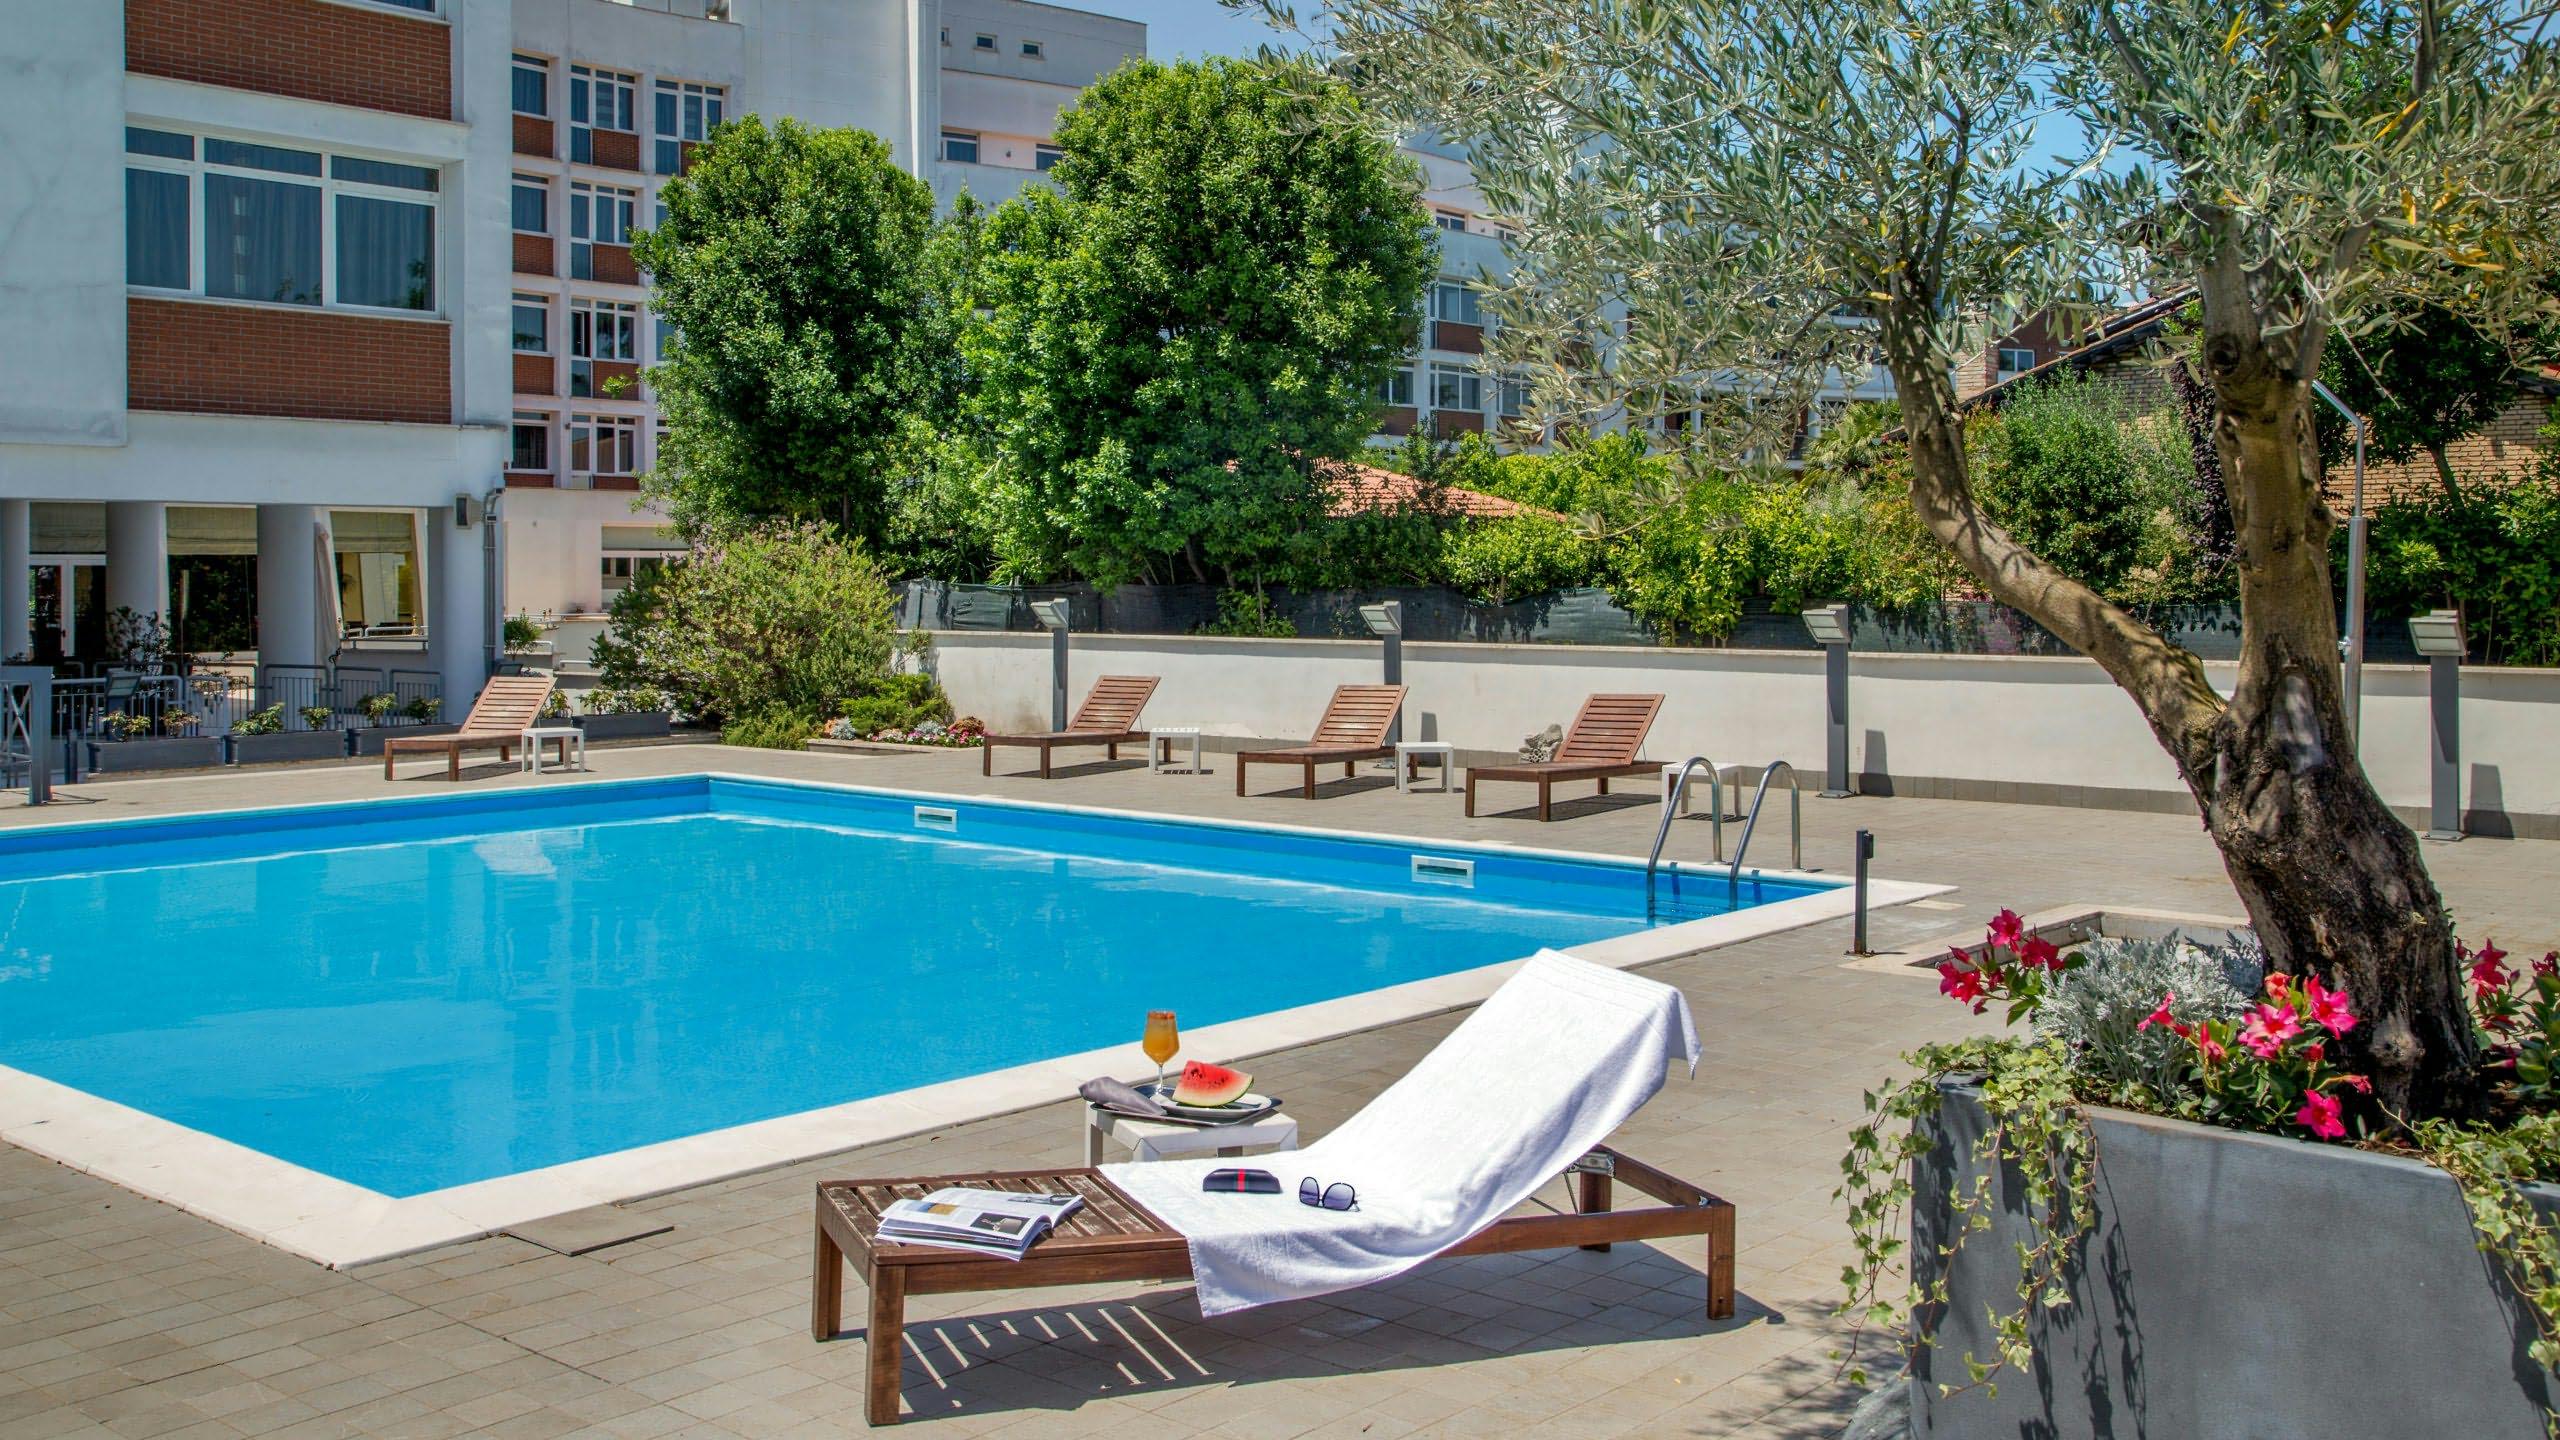 hotel-capannelle-roma-spazicomuni-14